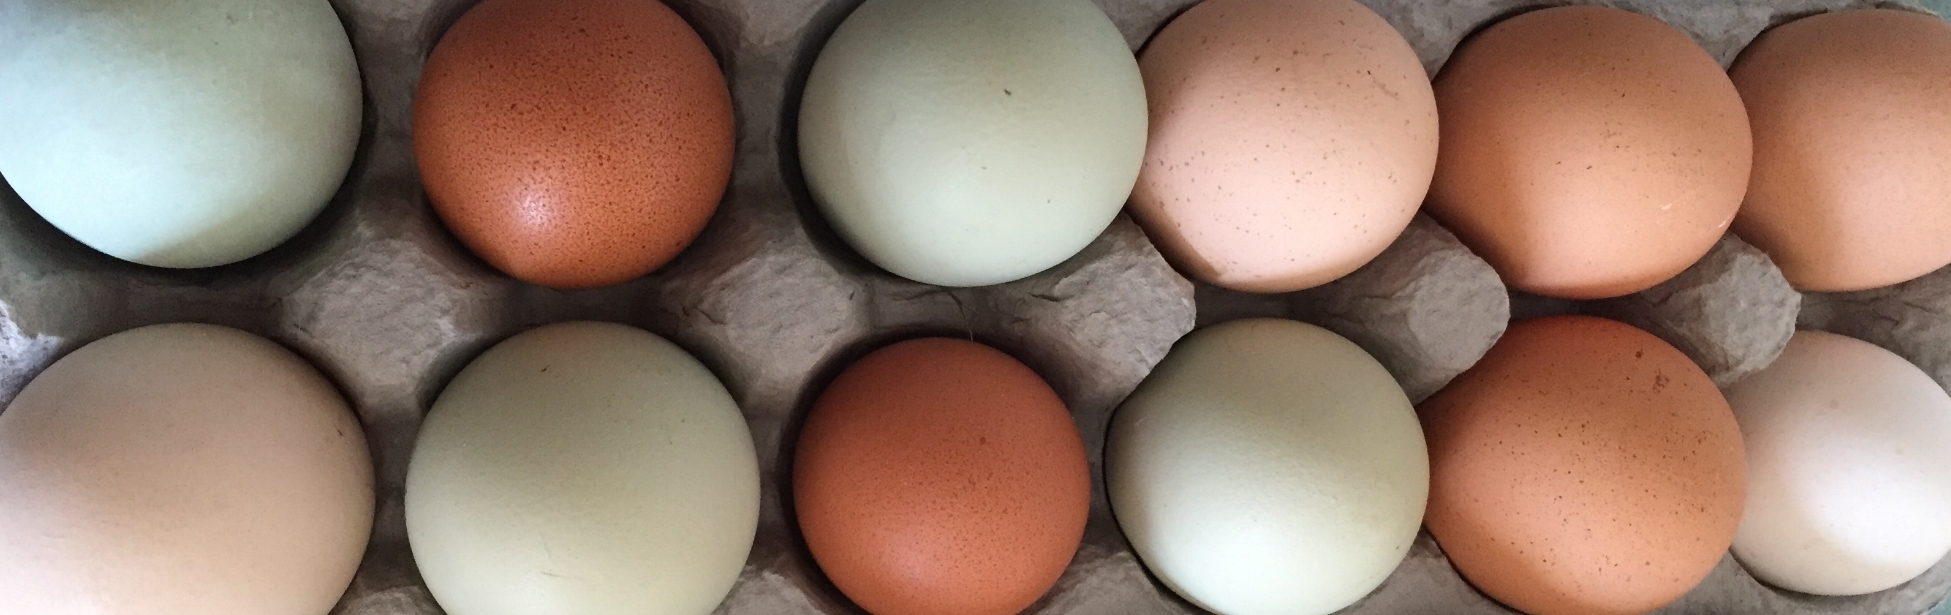 Lucky Leaf Farm - Winter 2018 Egg CSA Aggreement